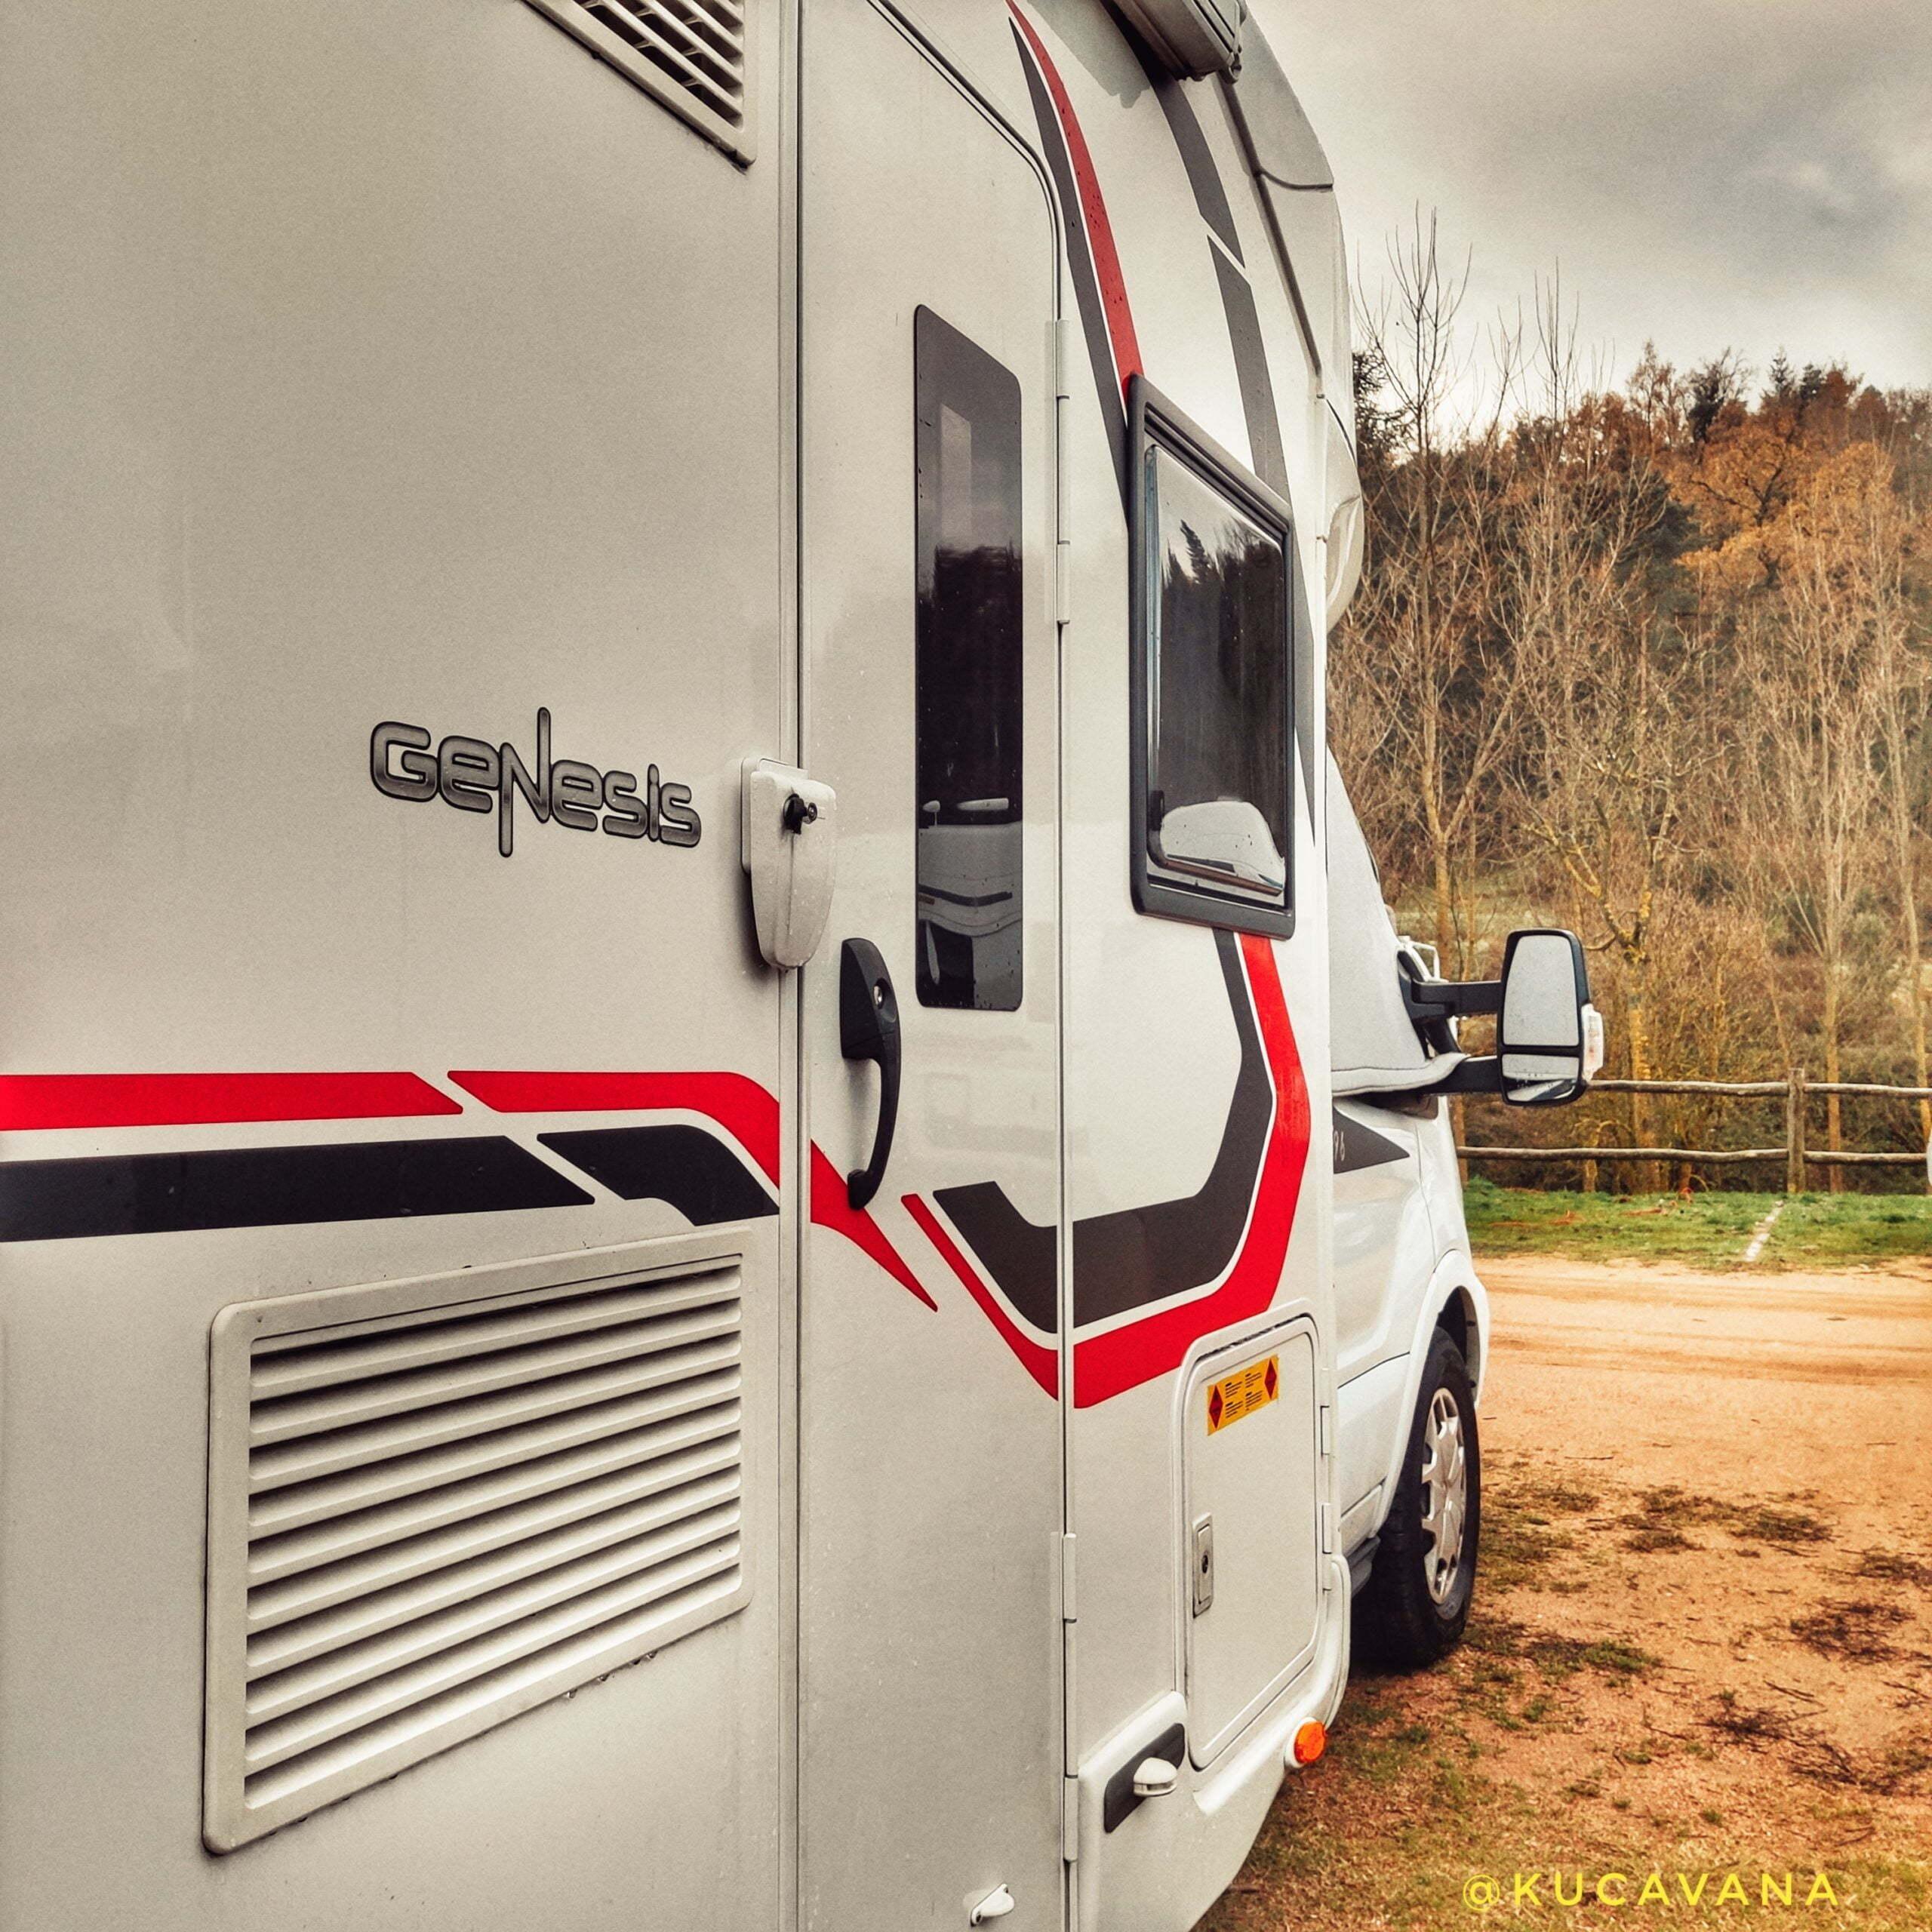 Novità sulle caravan per la settimana fino al 12 marzo 2021: 5 nuove aree, 1 estensione, 1 nuovo divieto, limitazioni alla mobilità più leggere ecc ...